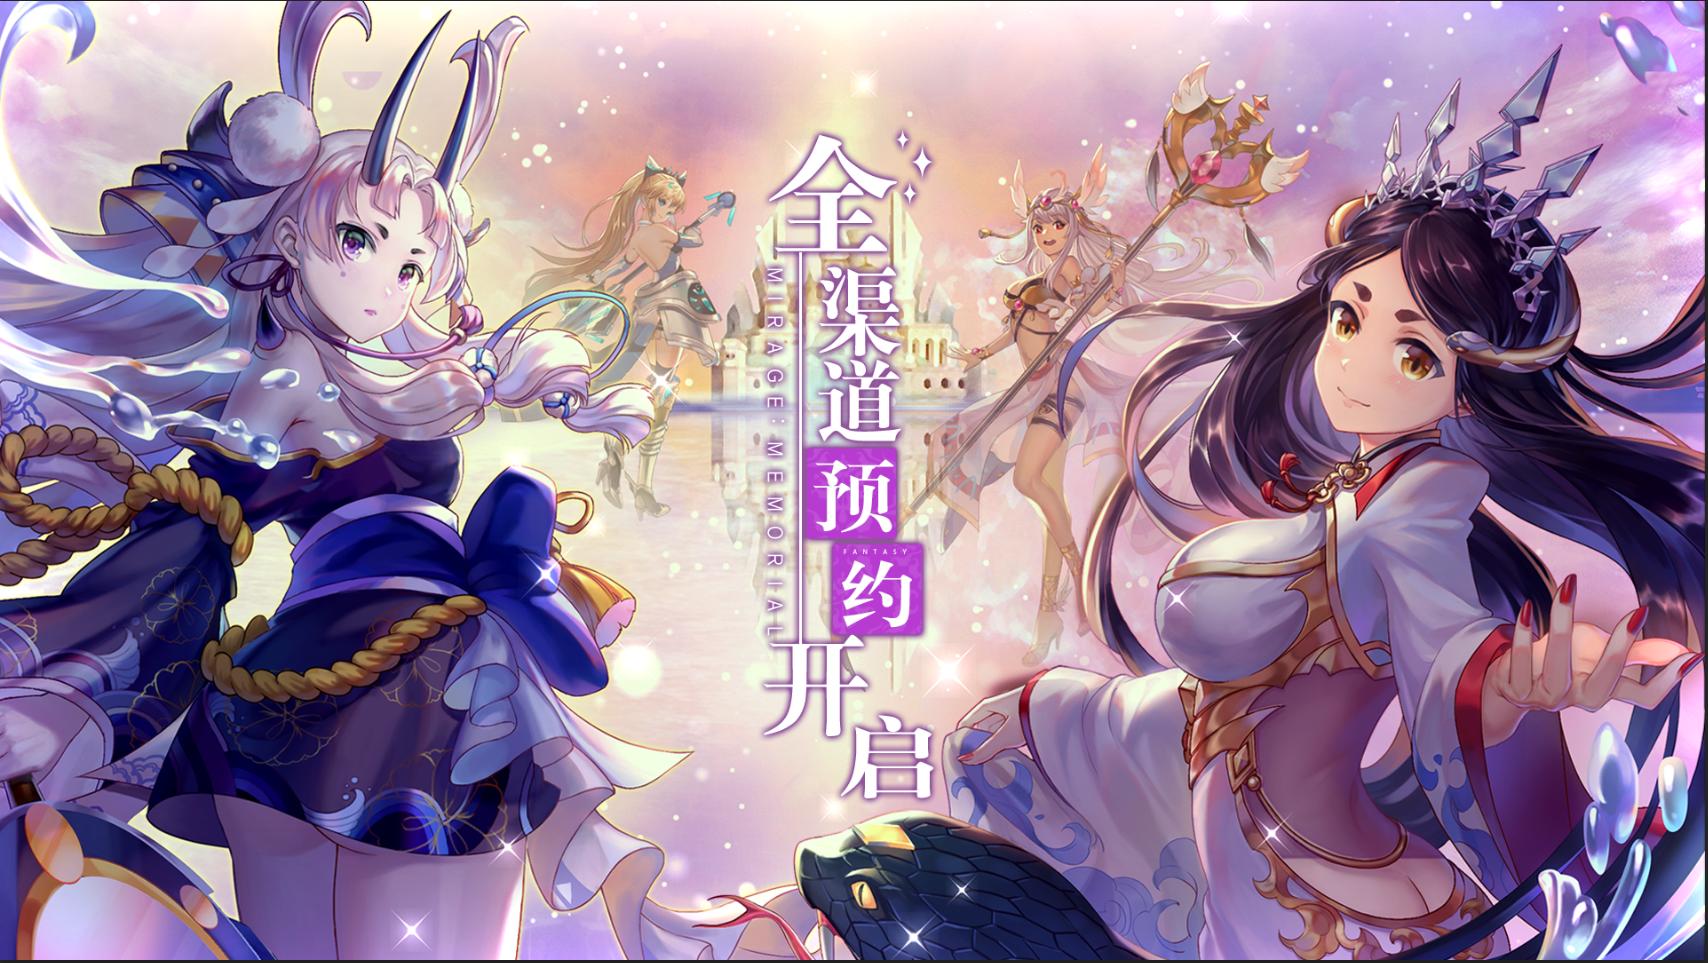 《幻象回忆》本日全渠道预约开启,首部宣传PV大公开!